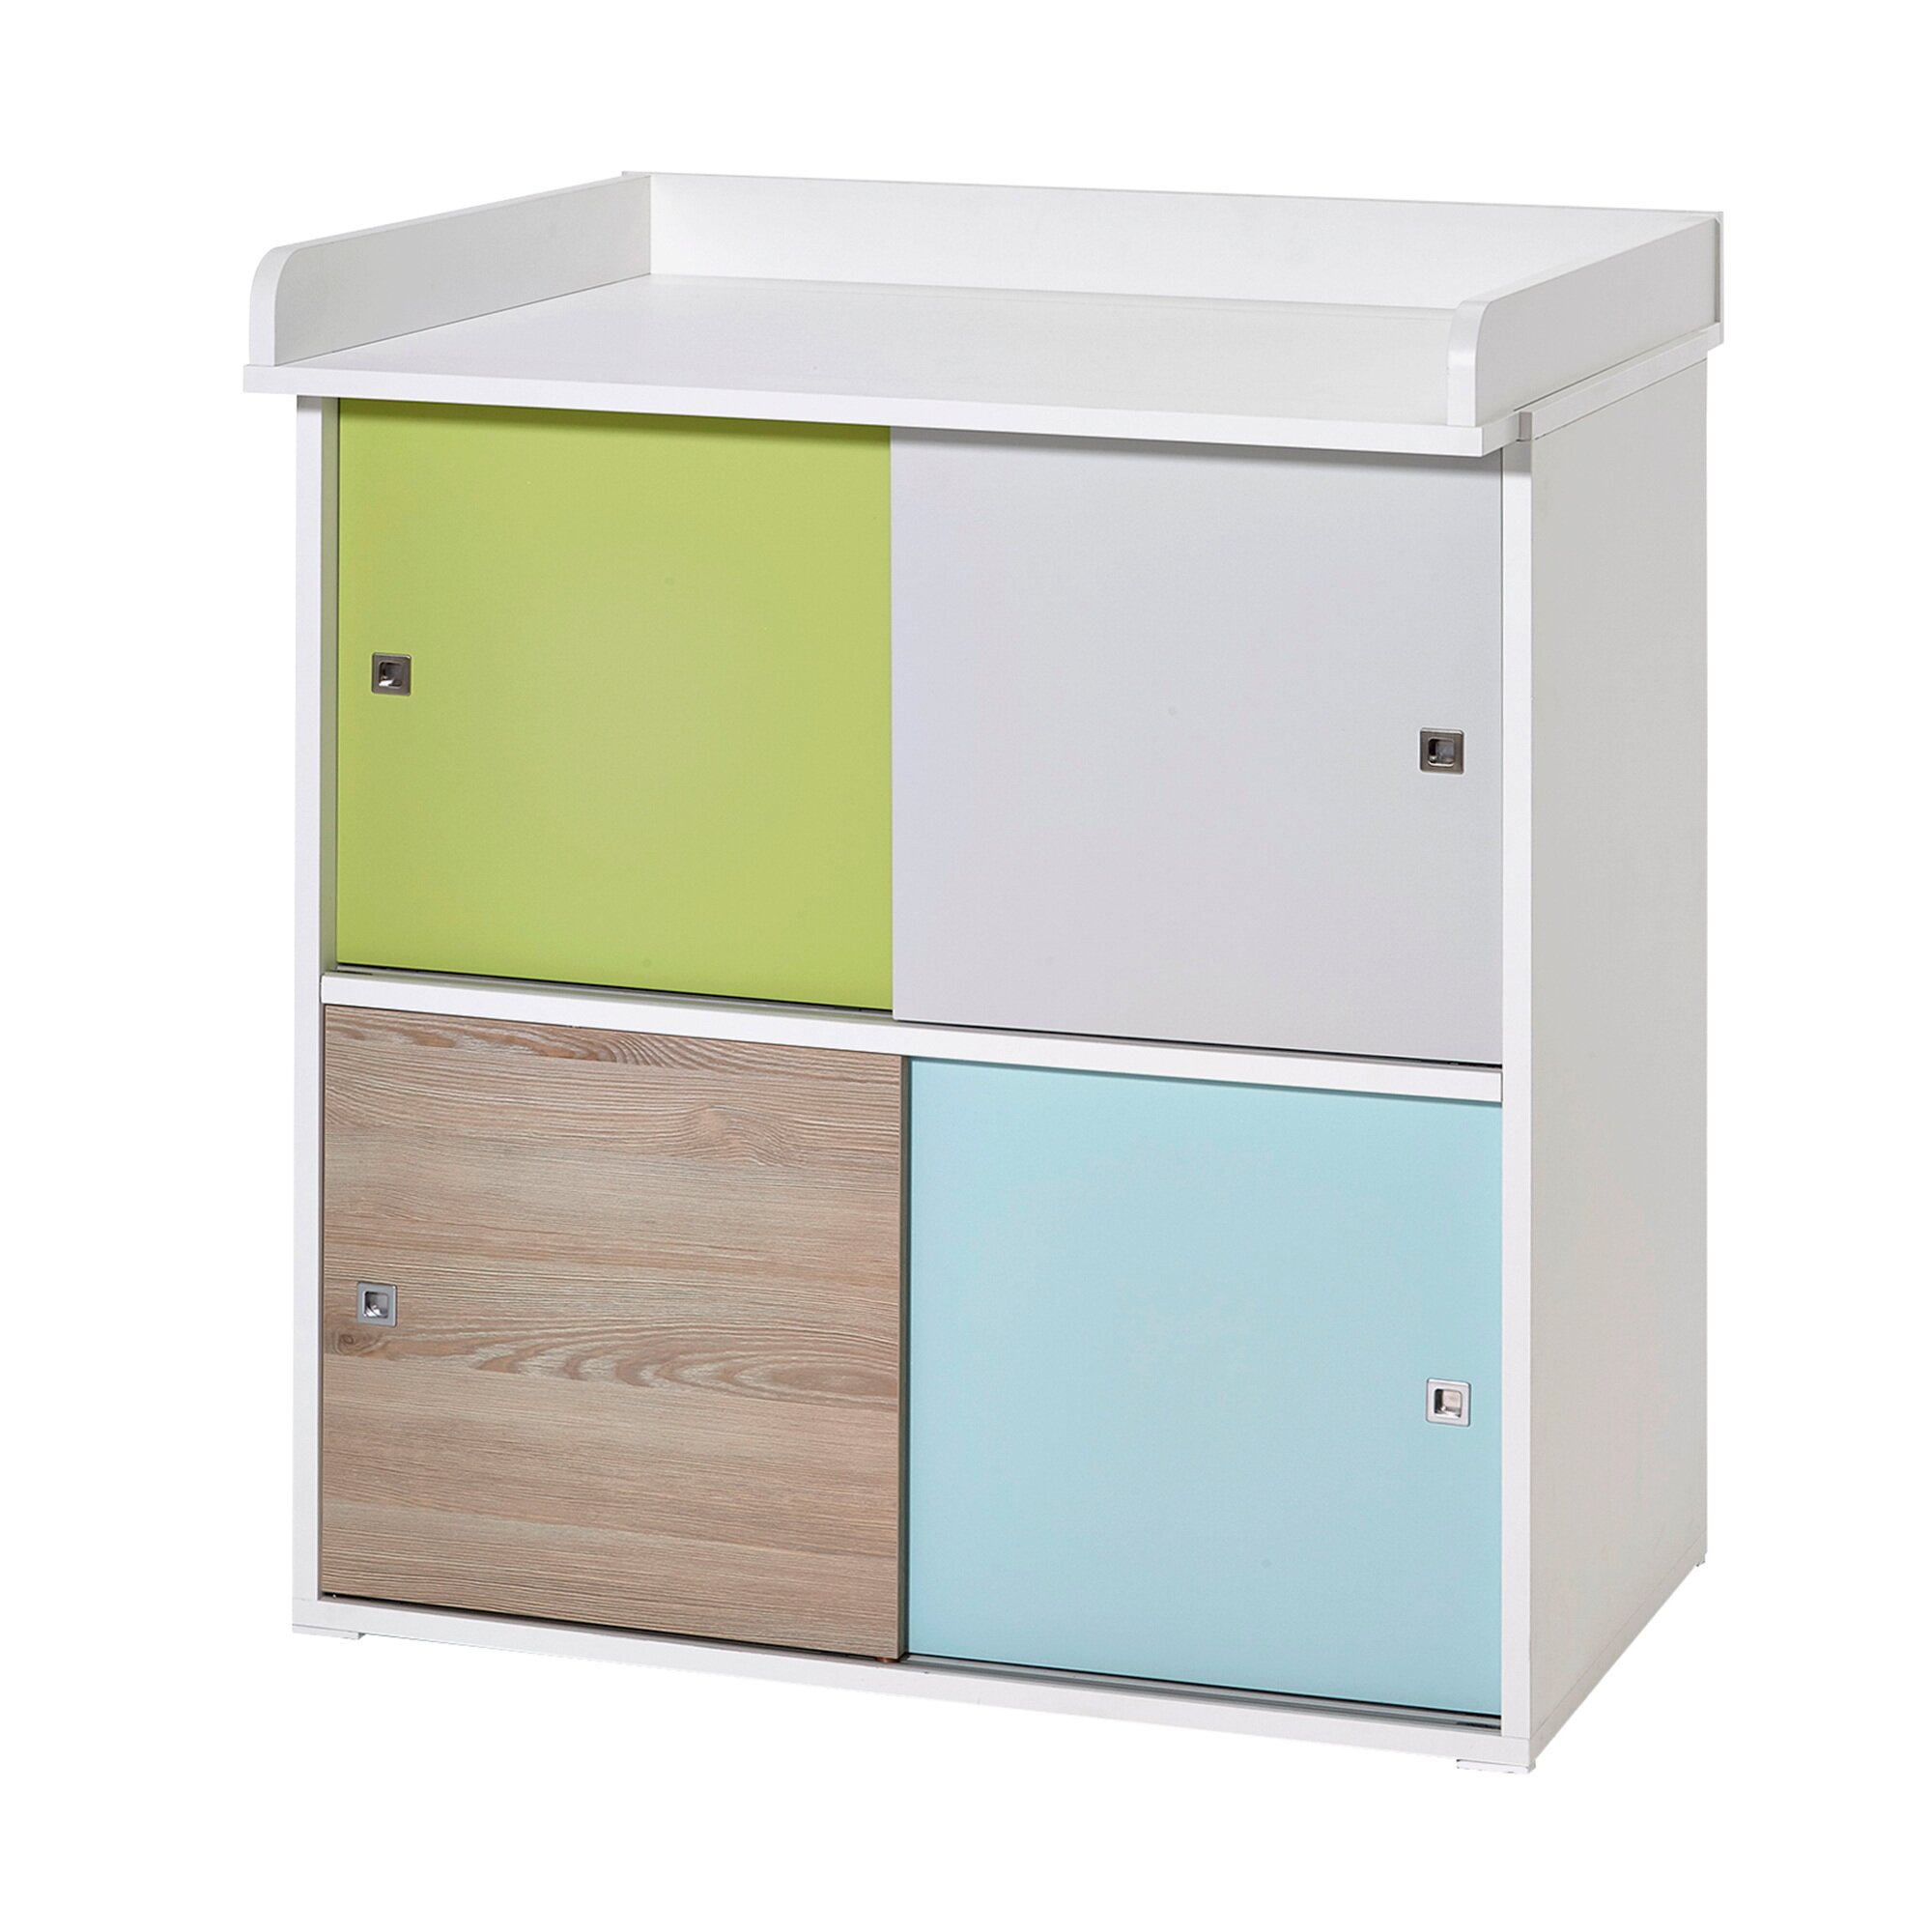 kommode mit wickelaufsatz preise vergleichen und g nstig einkaufen bei der preis. Black Bedroom Furniture Sets. Home Design Ideas